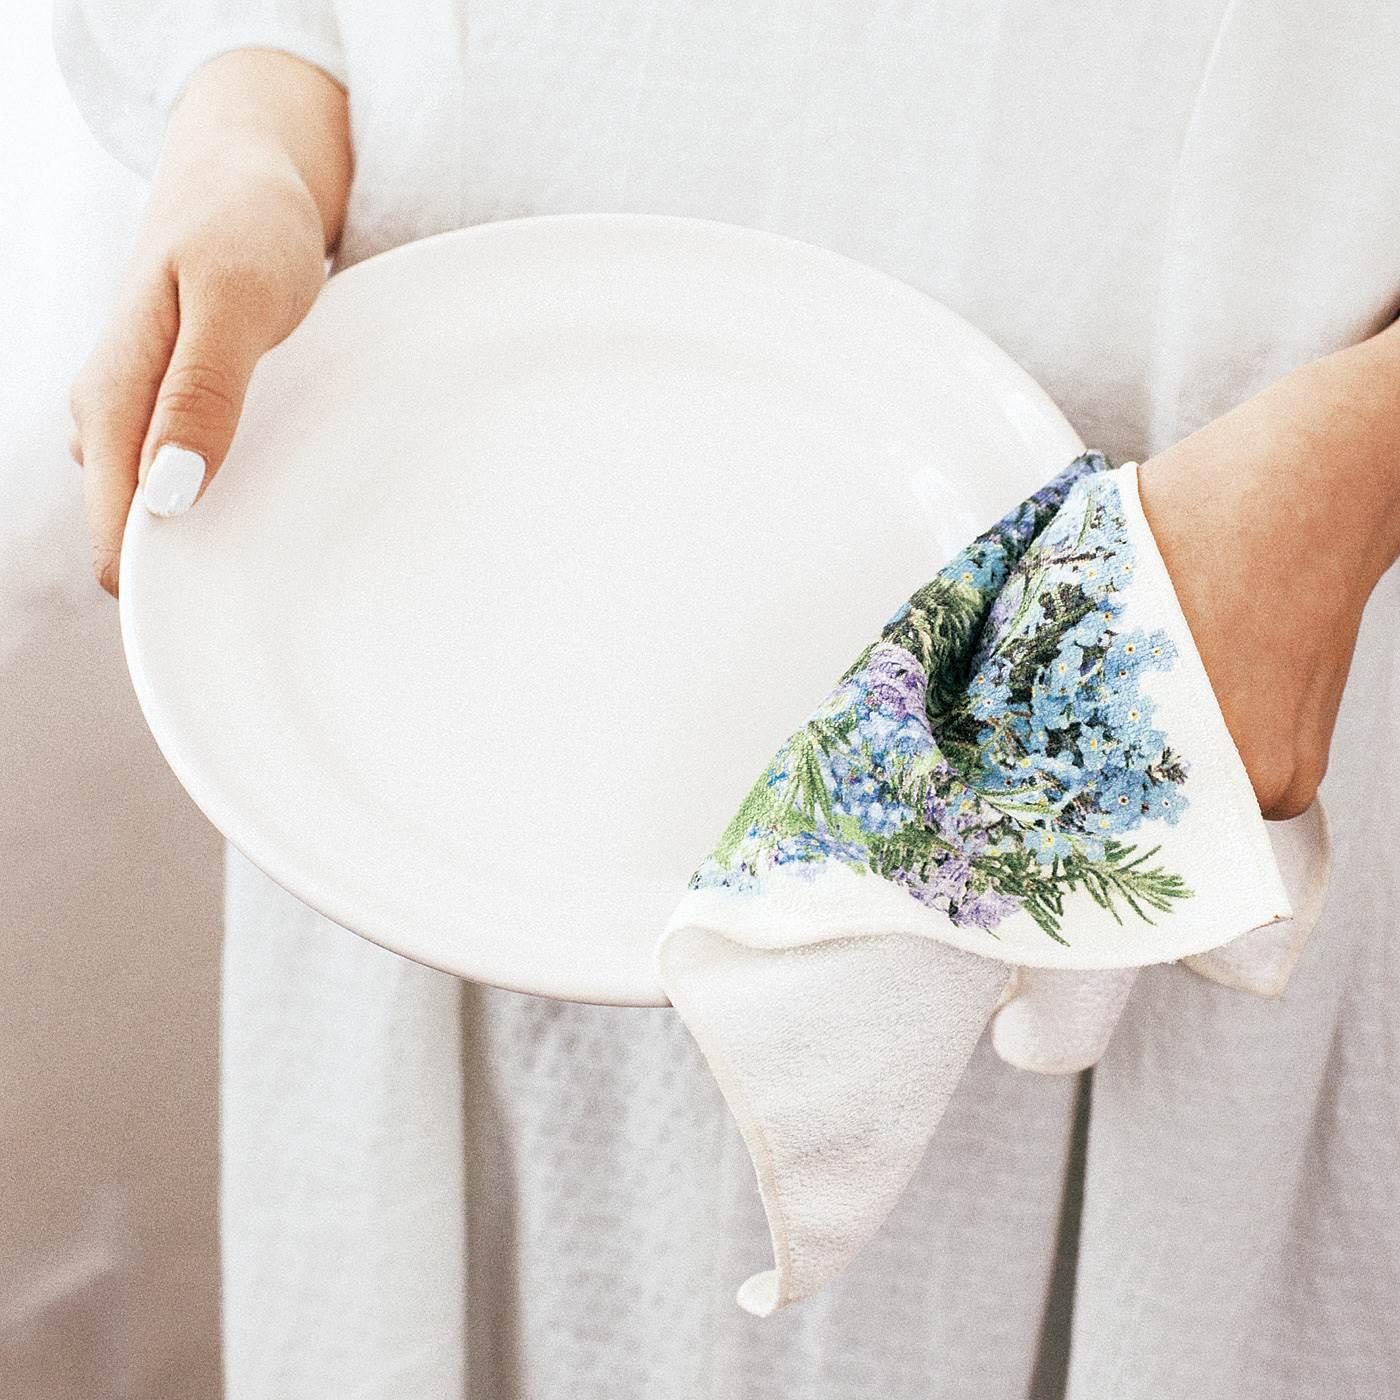 しっかりお皿を包み込んで水気をふき取れます。